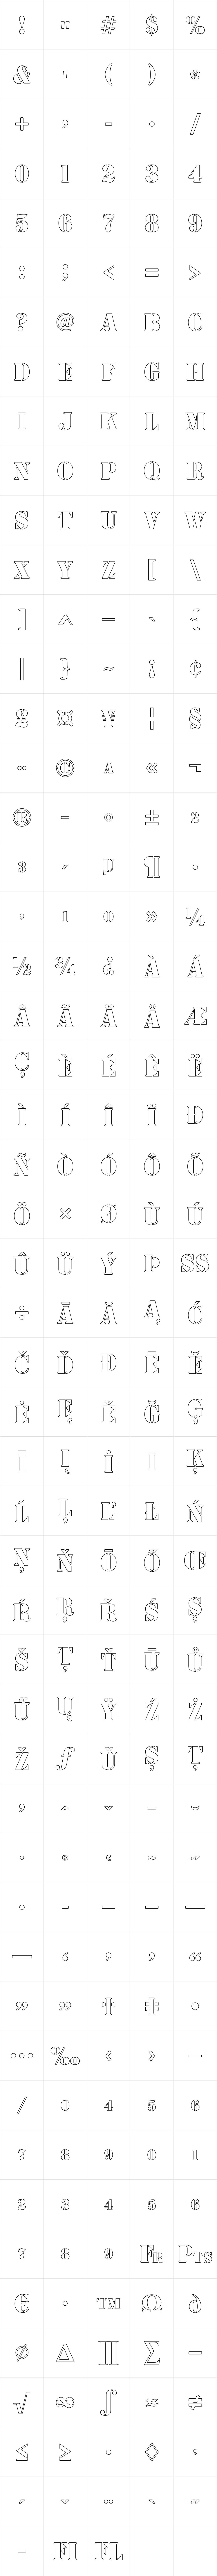 Stencil D Outline